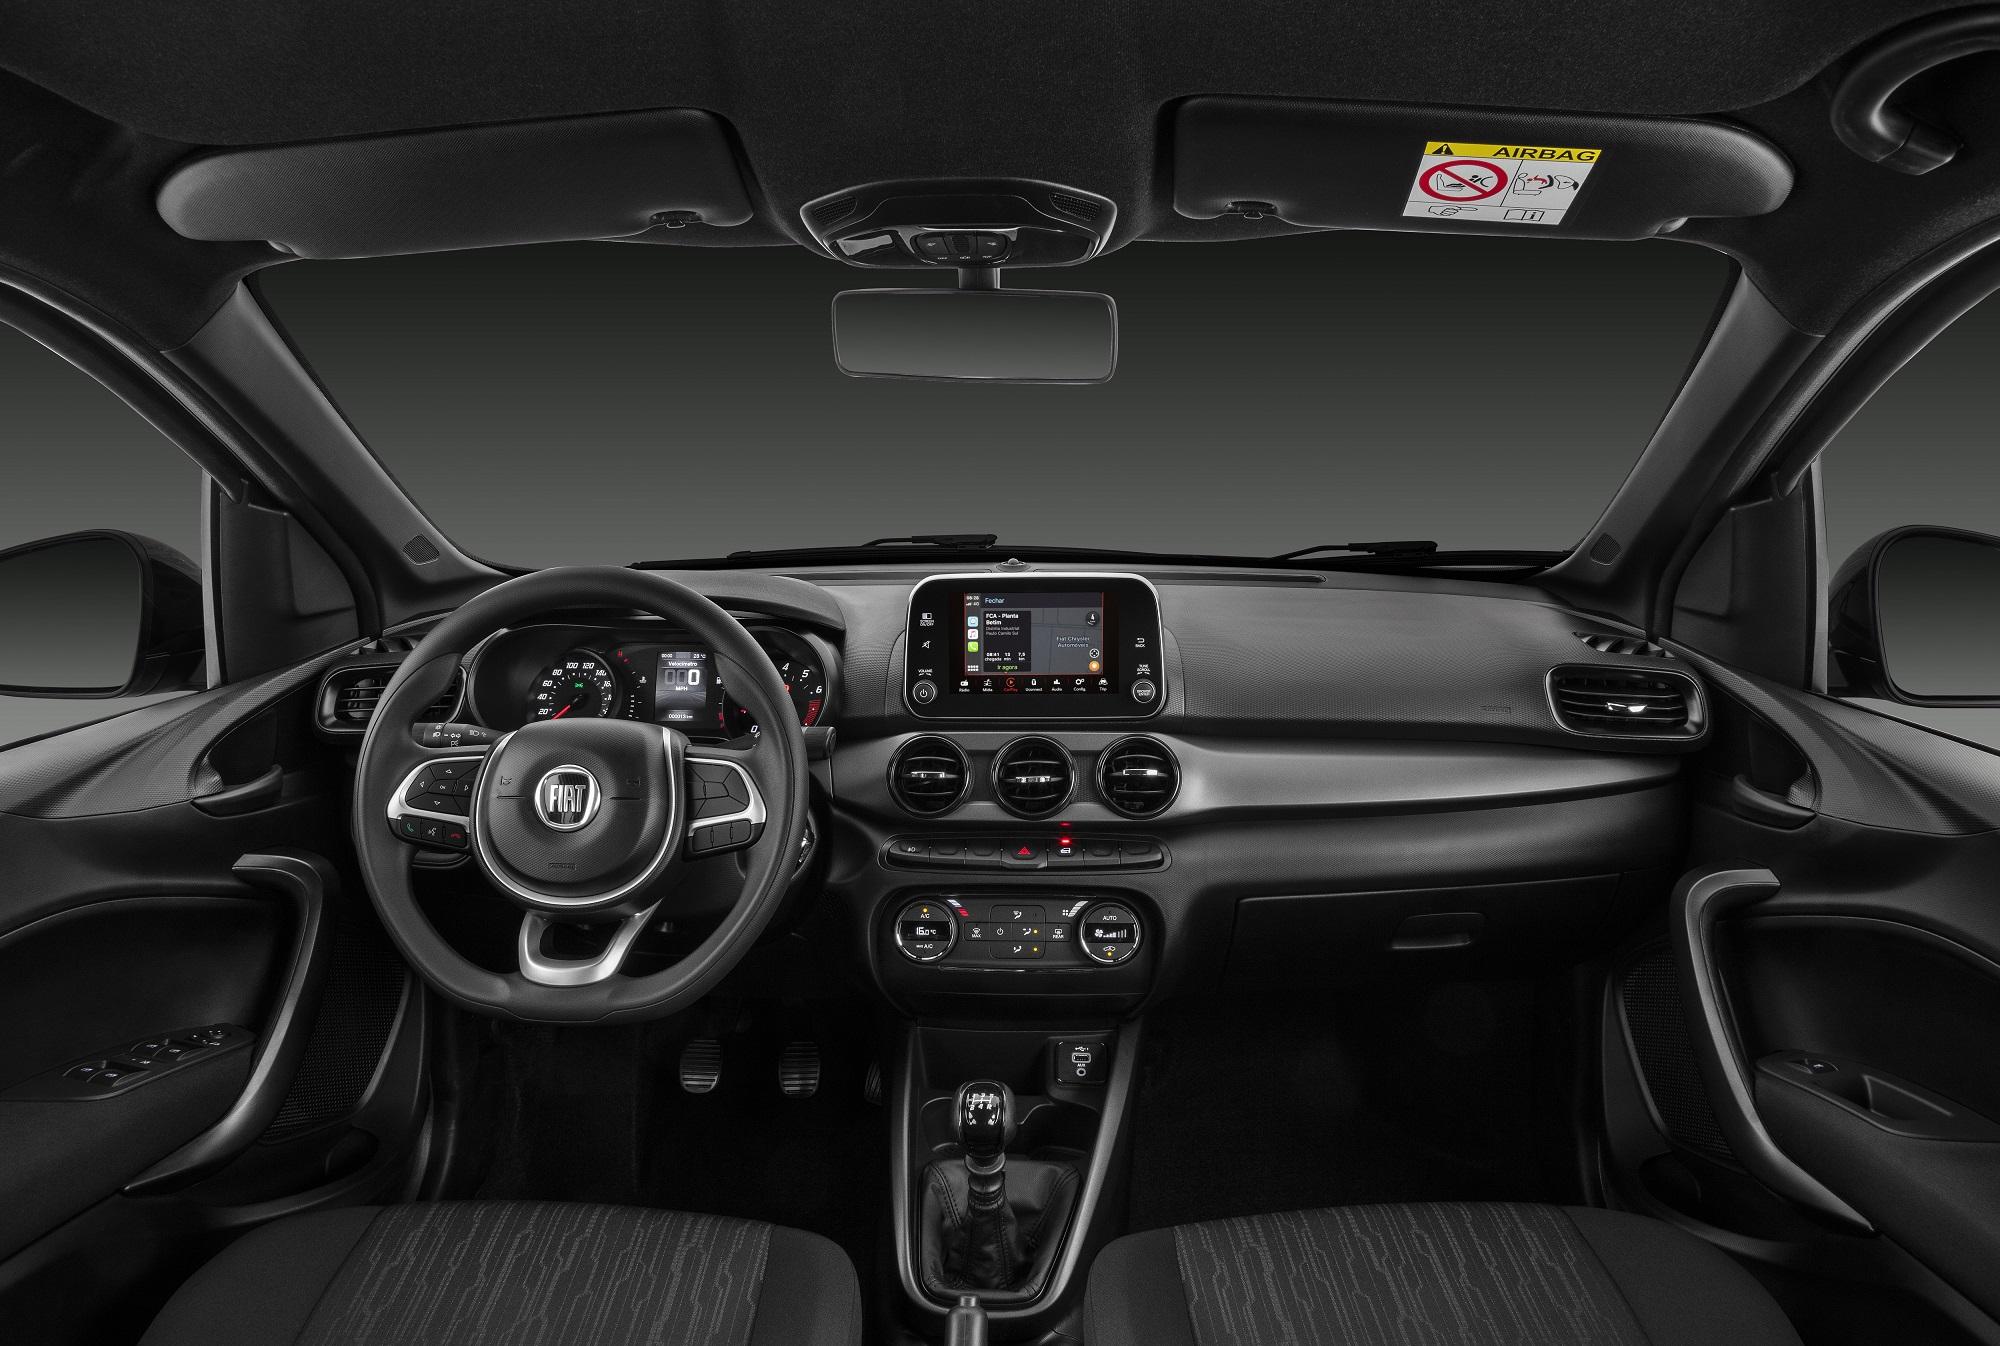 Cabine do Fiat Argo S Design tem padrão escurecido, moldura do console central preta e logo ao centro do volante preto